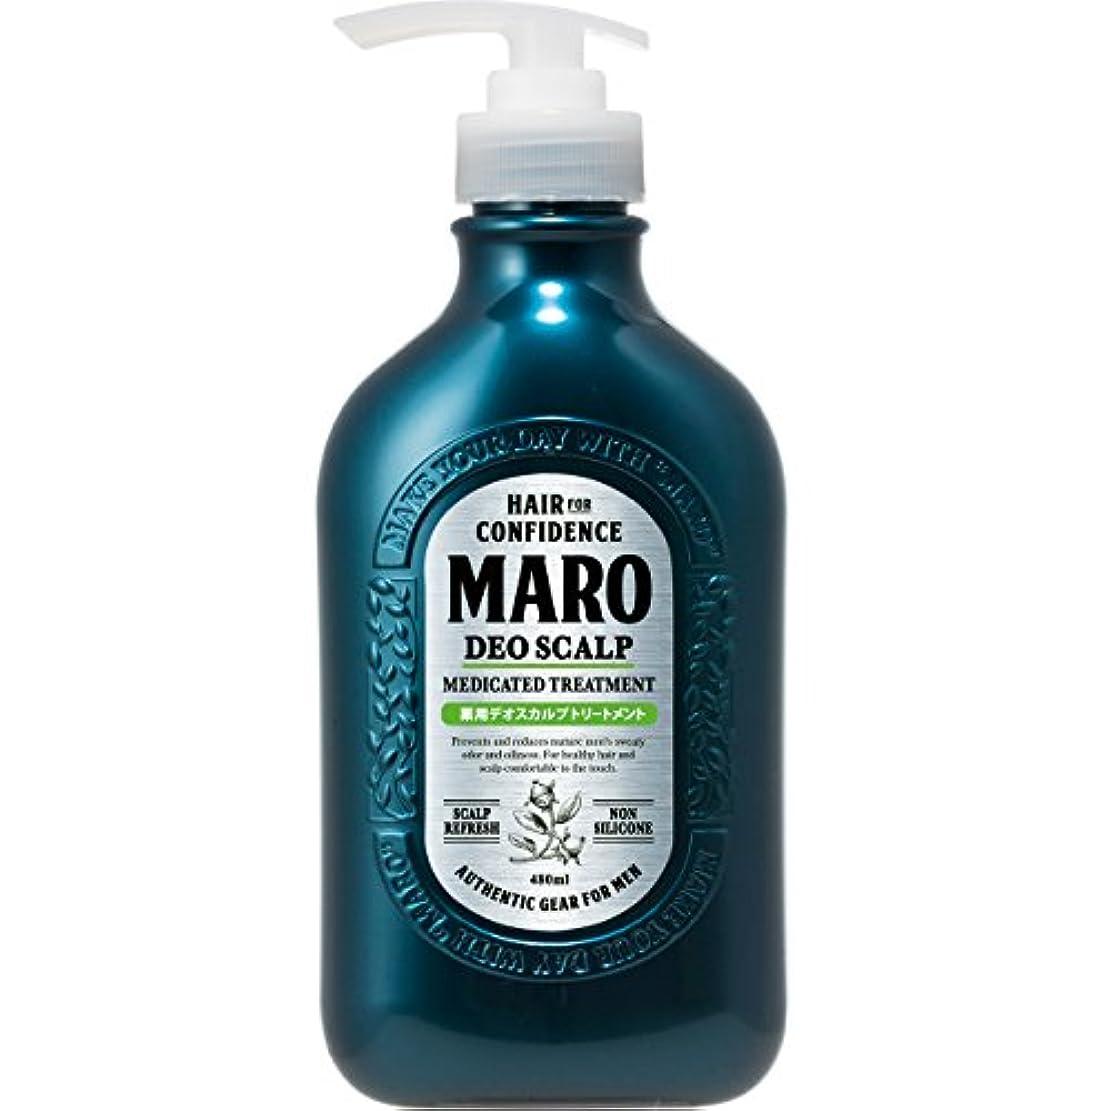 伝統質量安定したMARO 薬用 デオスカルプ トリートメント 480ml 【医薬部外品】